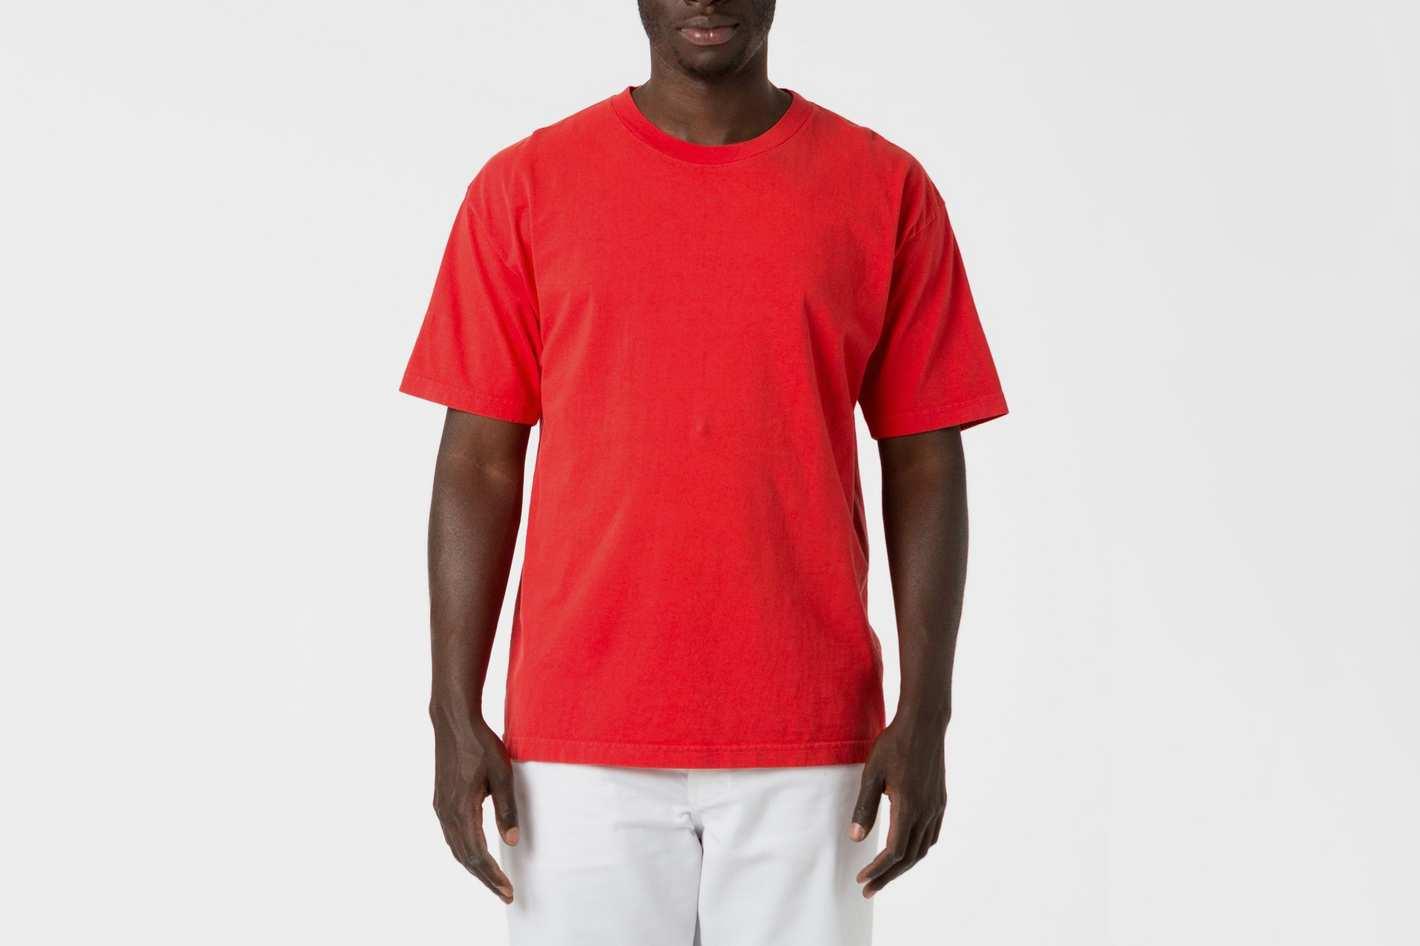 6.5oz Garment Dye Crew Neck T-shirt